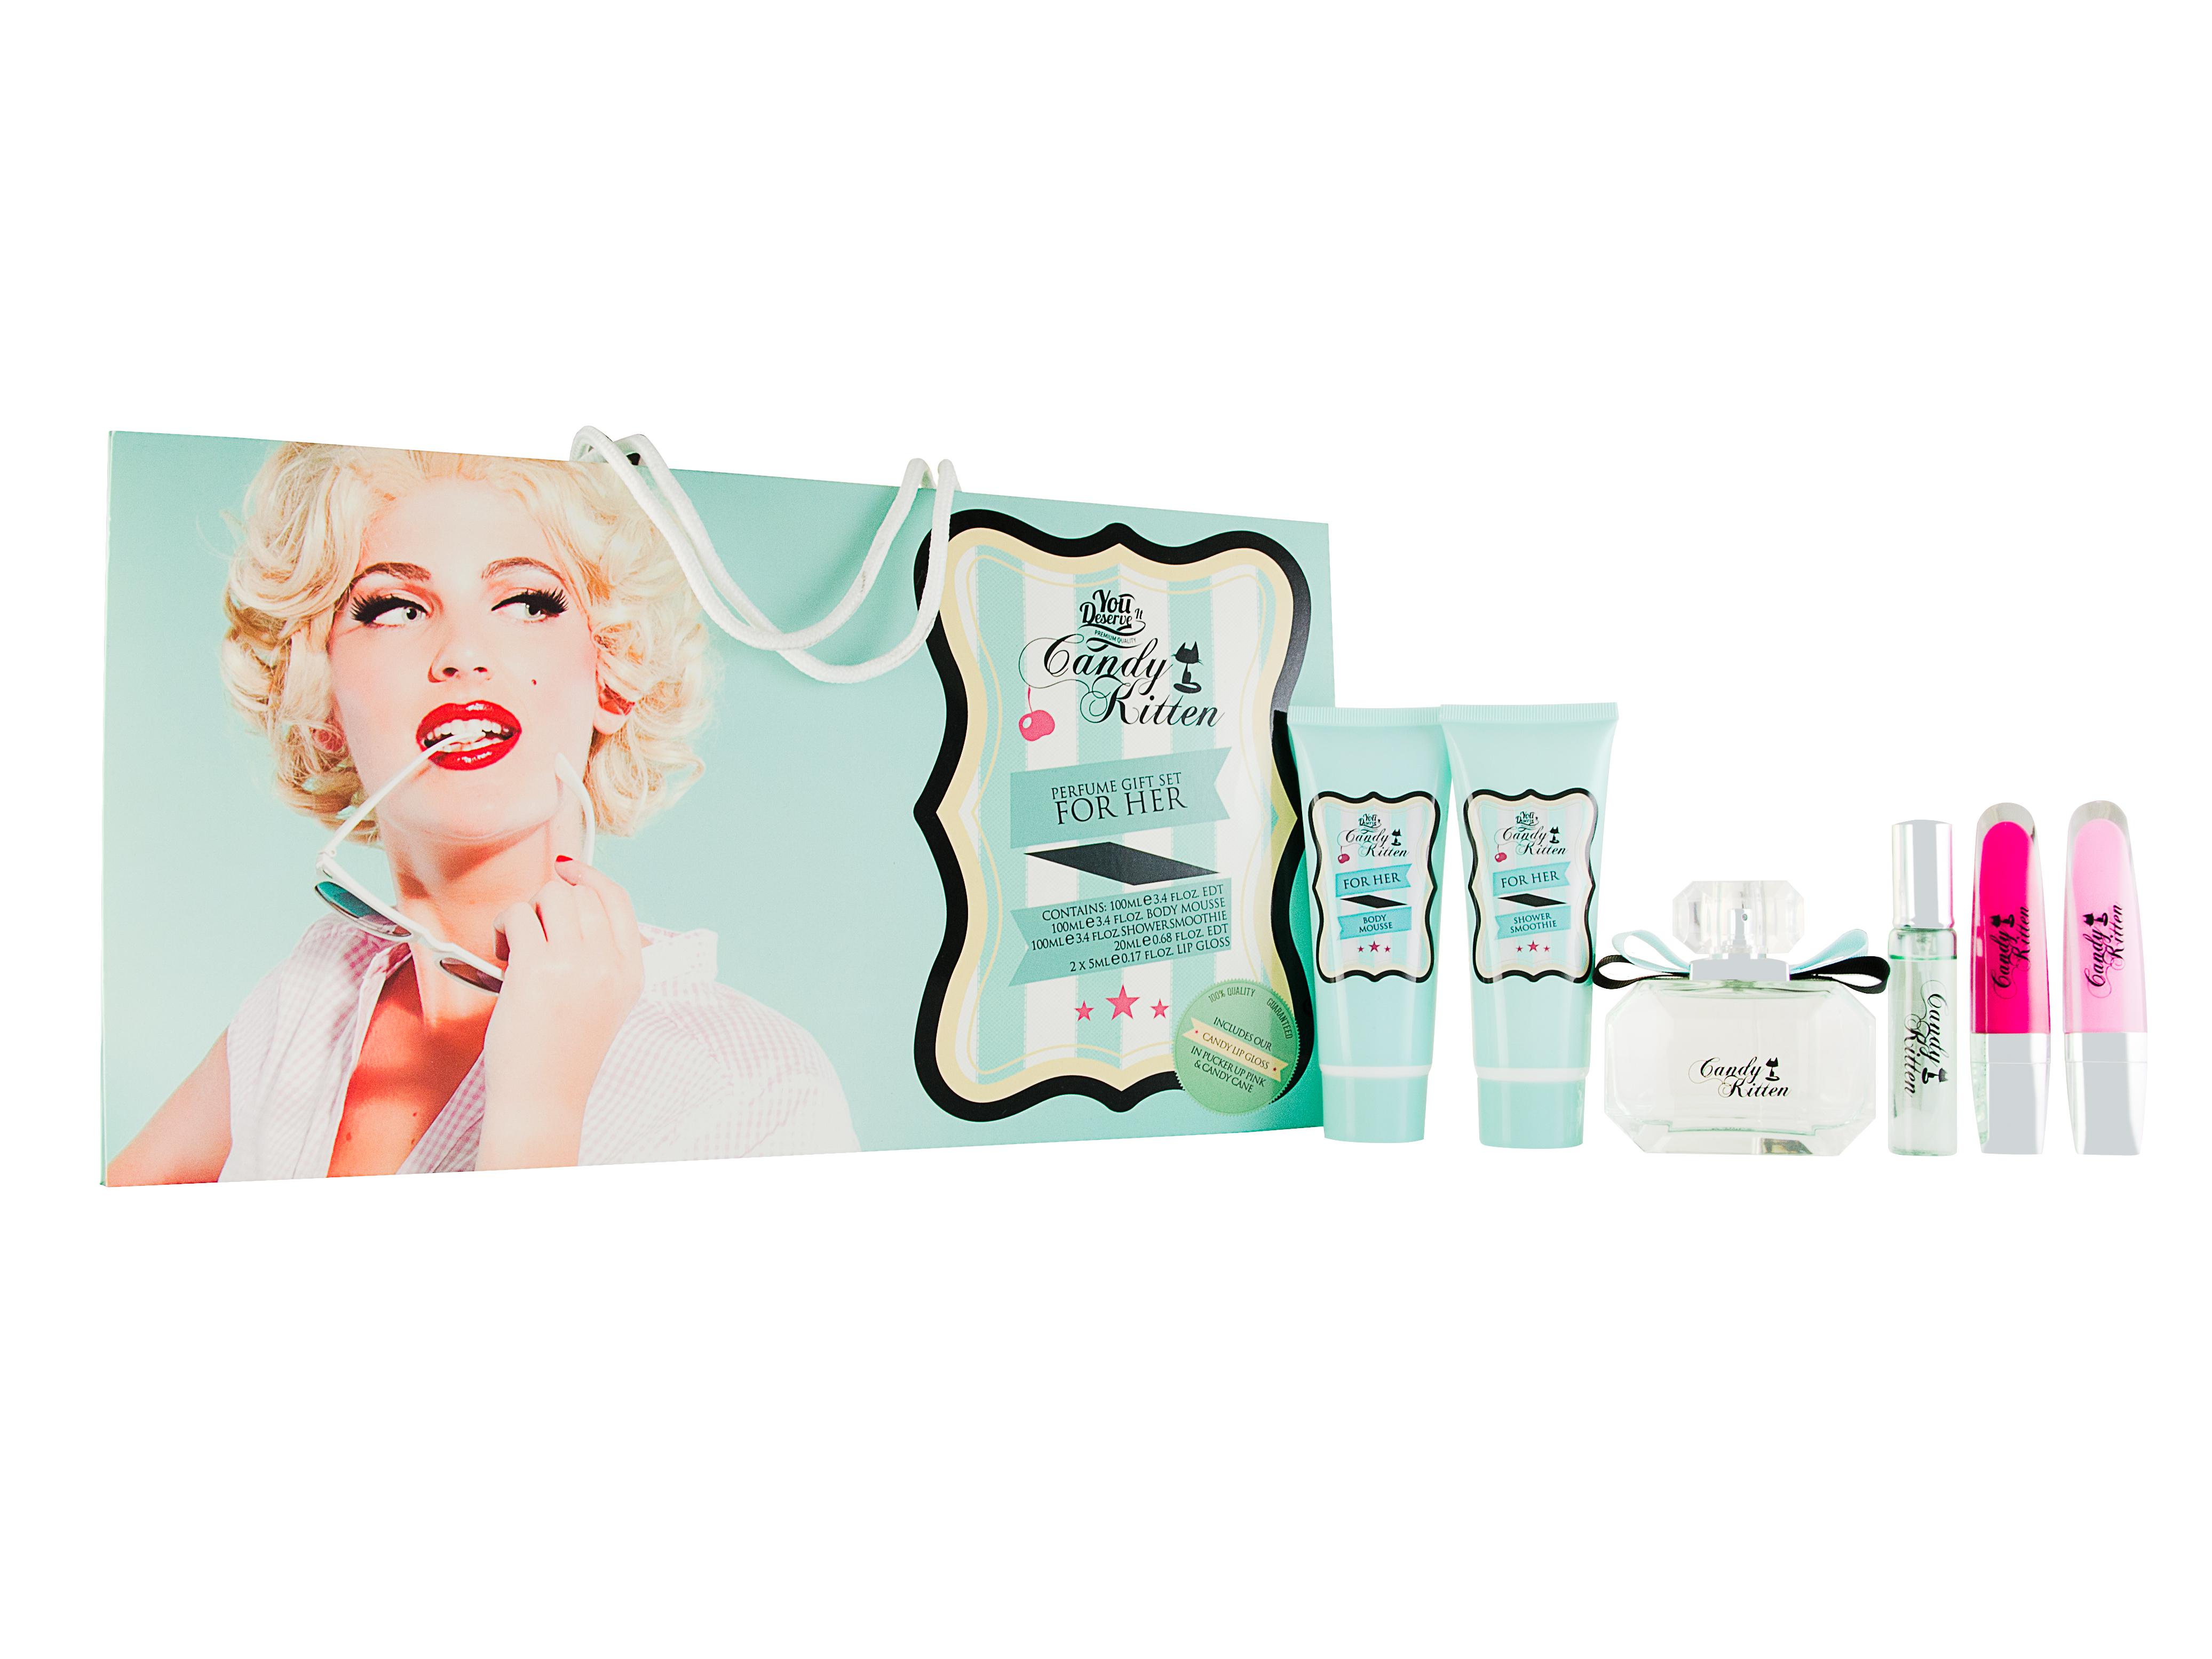 Candy Kitten Turquiose 6 Pieces Gift Set : Eau de Toilette 100ml - Body Mousse 1